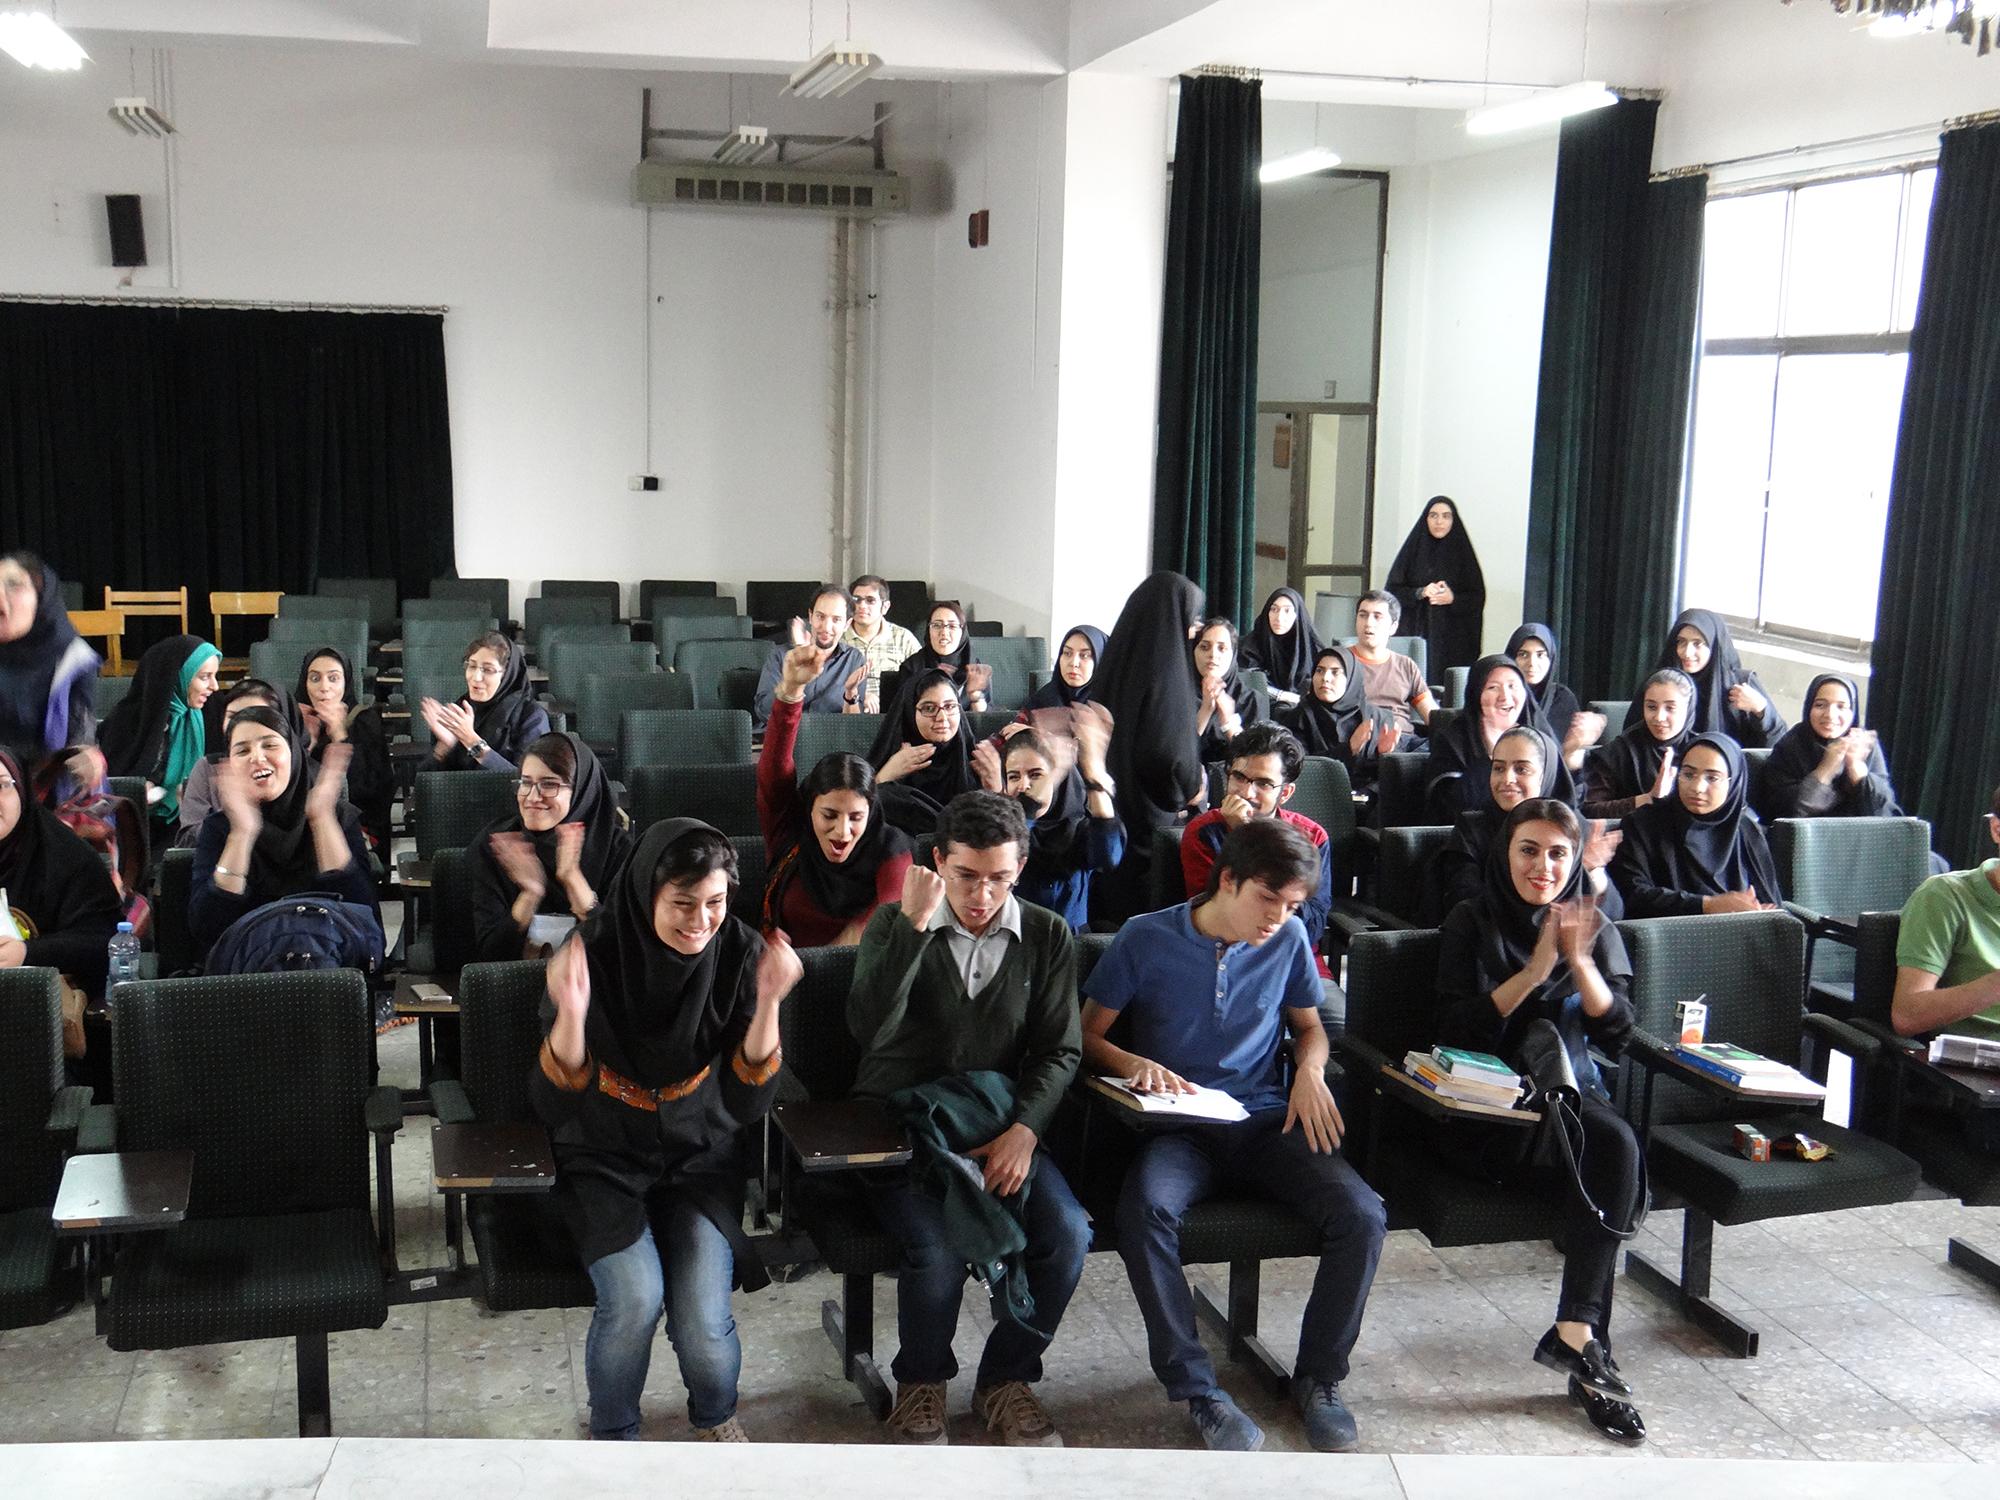 چهارمین دوره مسابقات مناظره دانشجویان - مرحله منطقه ای (3)